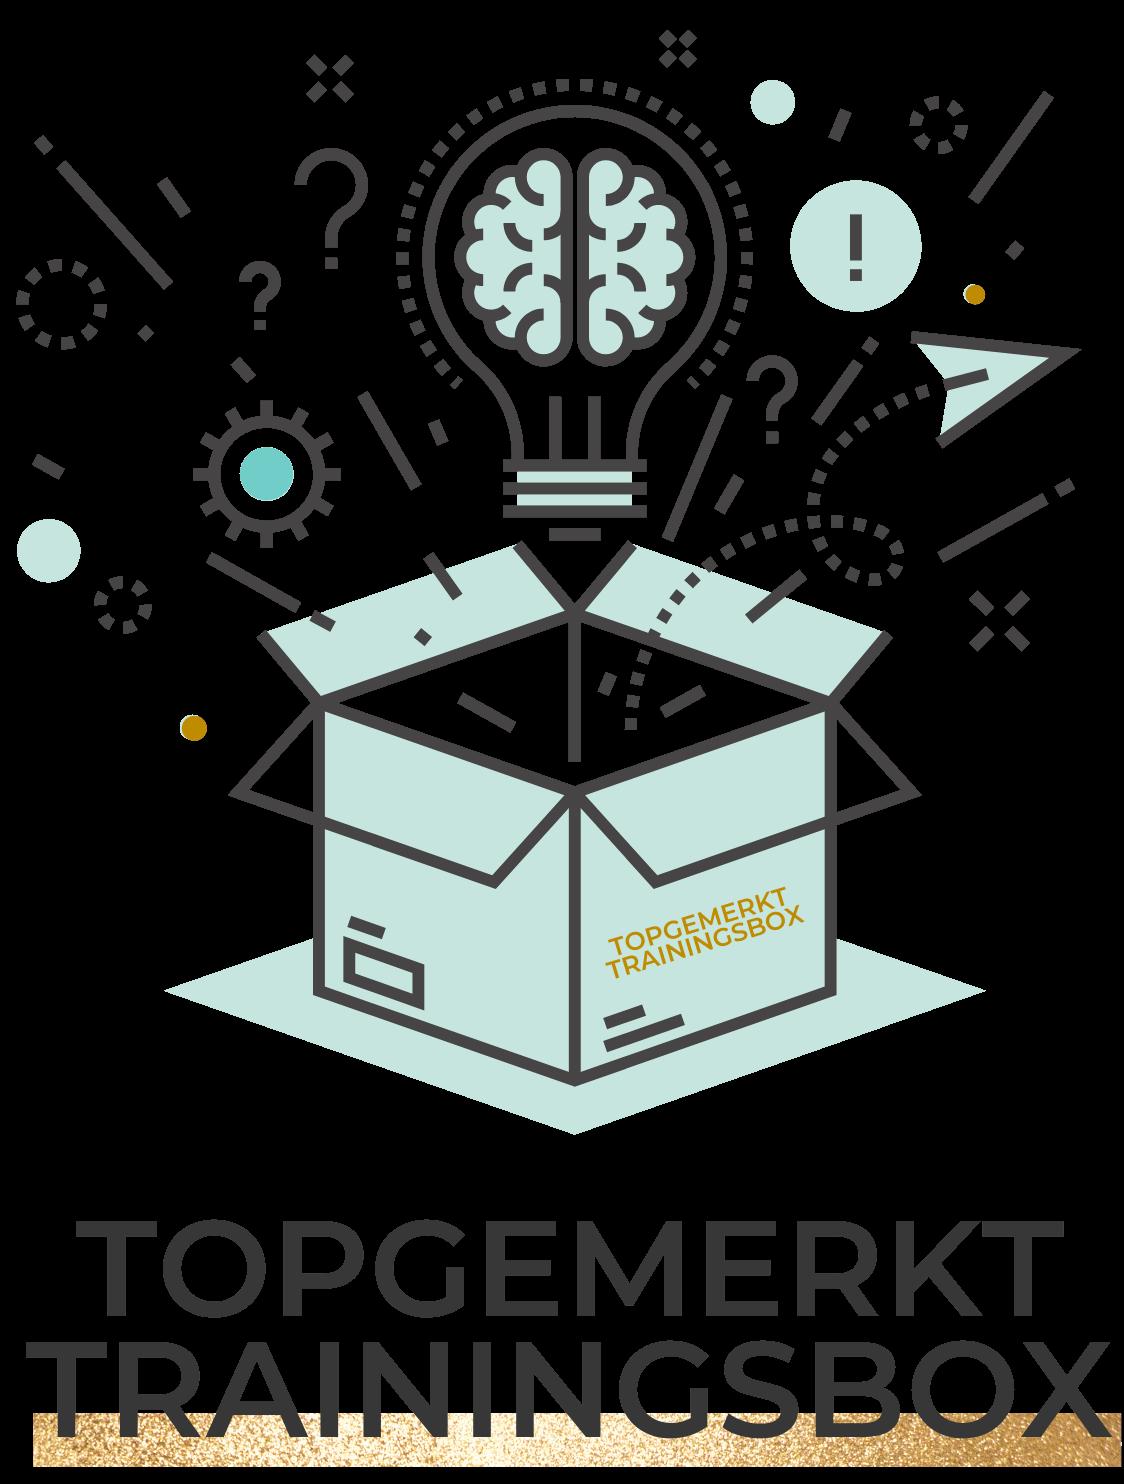 TopGemerkt TrainingsBox(v)